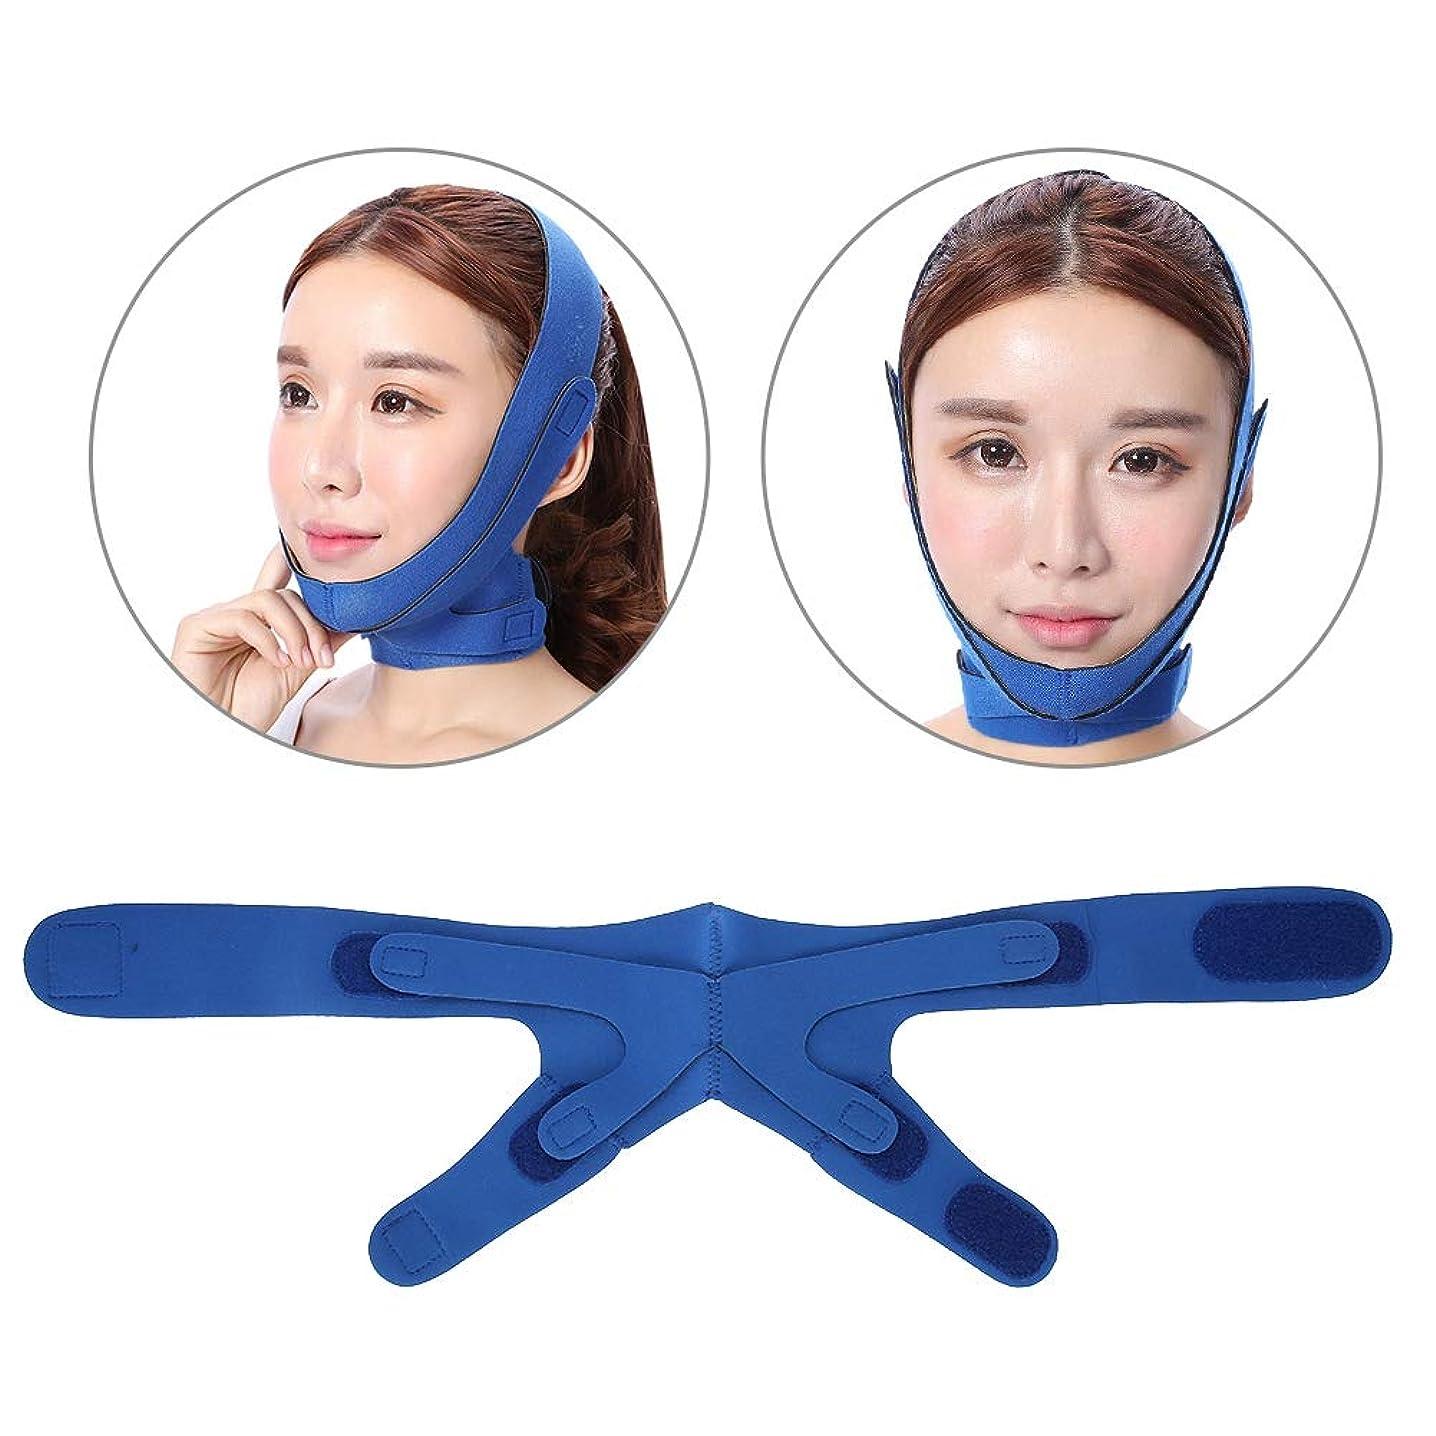 パトワへこみ中国Vラインバンド首の圧縮の表面、反二重あごの 引き締まった肌の革紐の調節可能な引き締めの表面スキンケアの持ち上がる覆いのための持ち上がる表面ベルトの顔の細くのあごのマスク